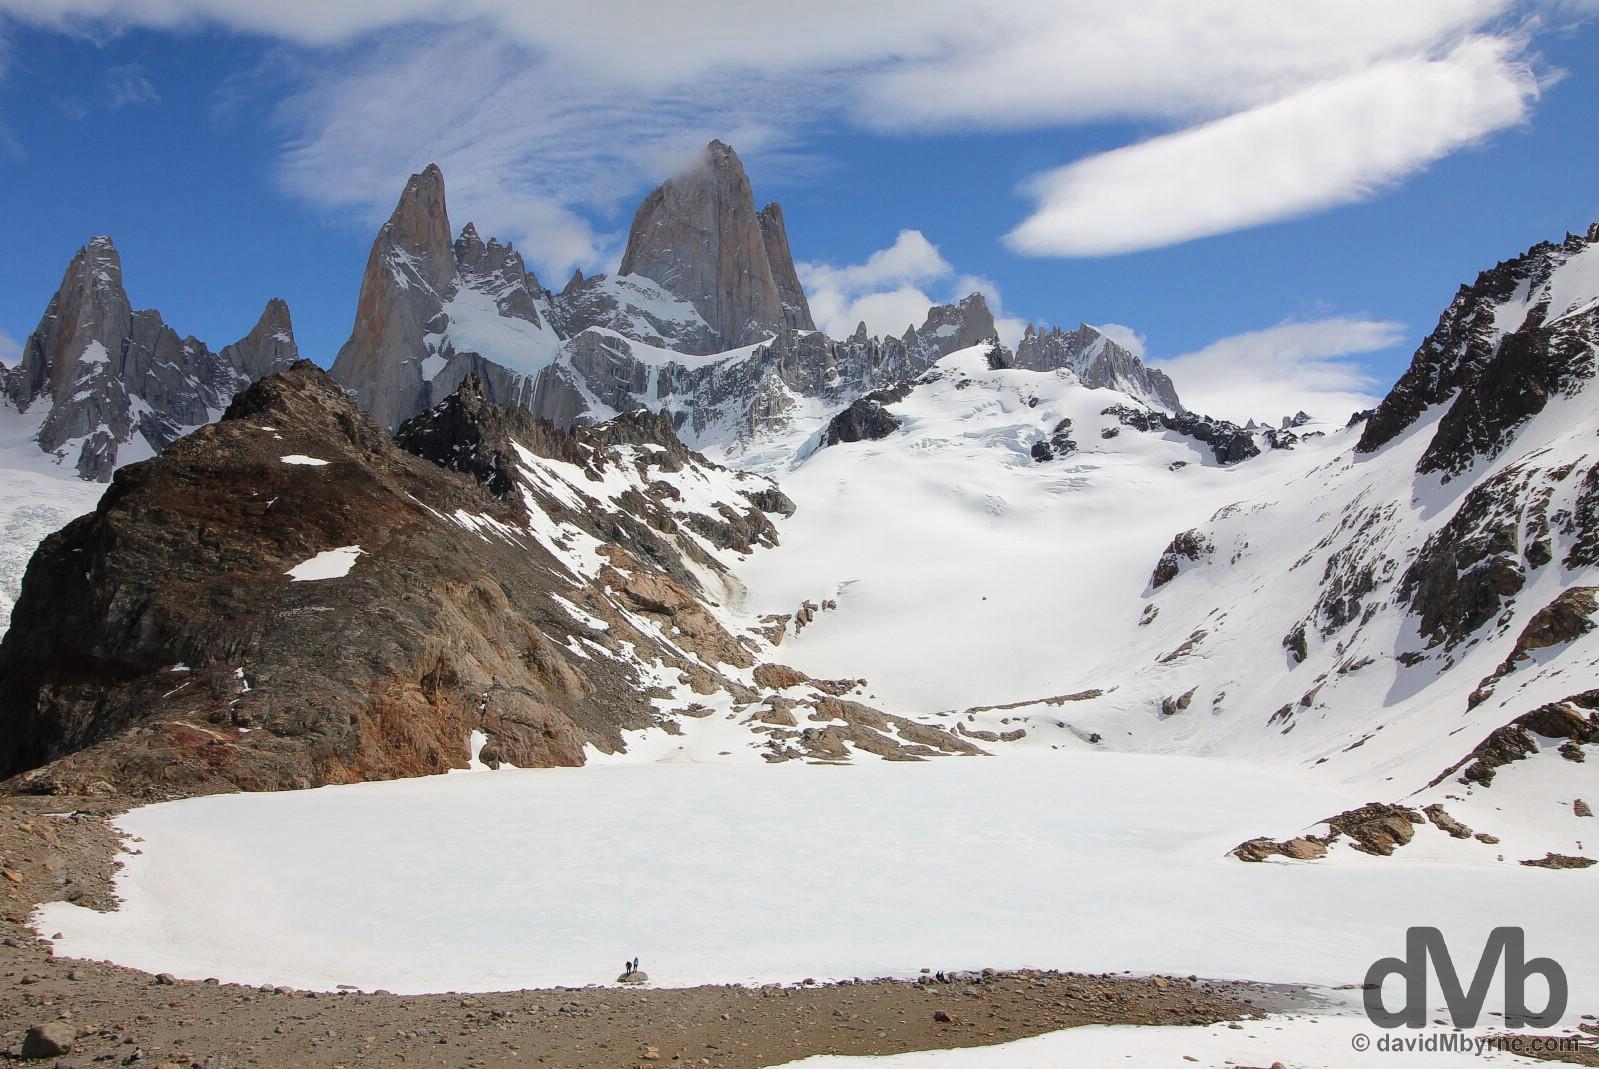 A frozen Laguna de los Tres fronting Monte Fitz Roy in Parque Nacional Los Glaciares, southern Patagonia, Argentina. November 4, 2015.